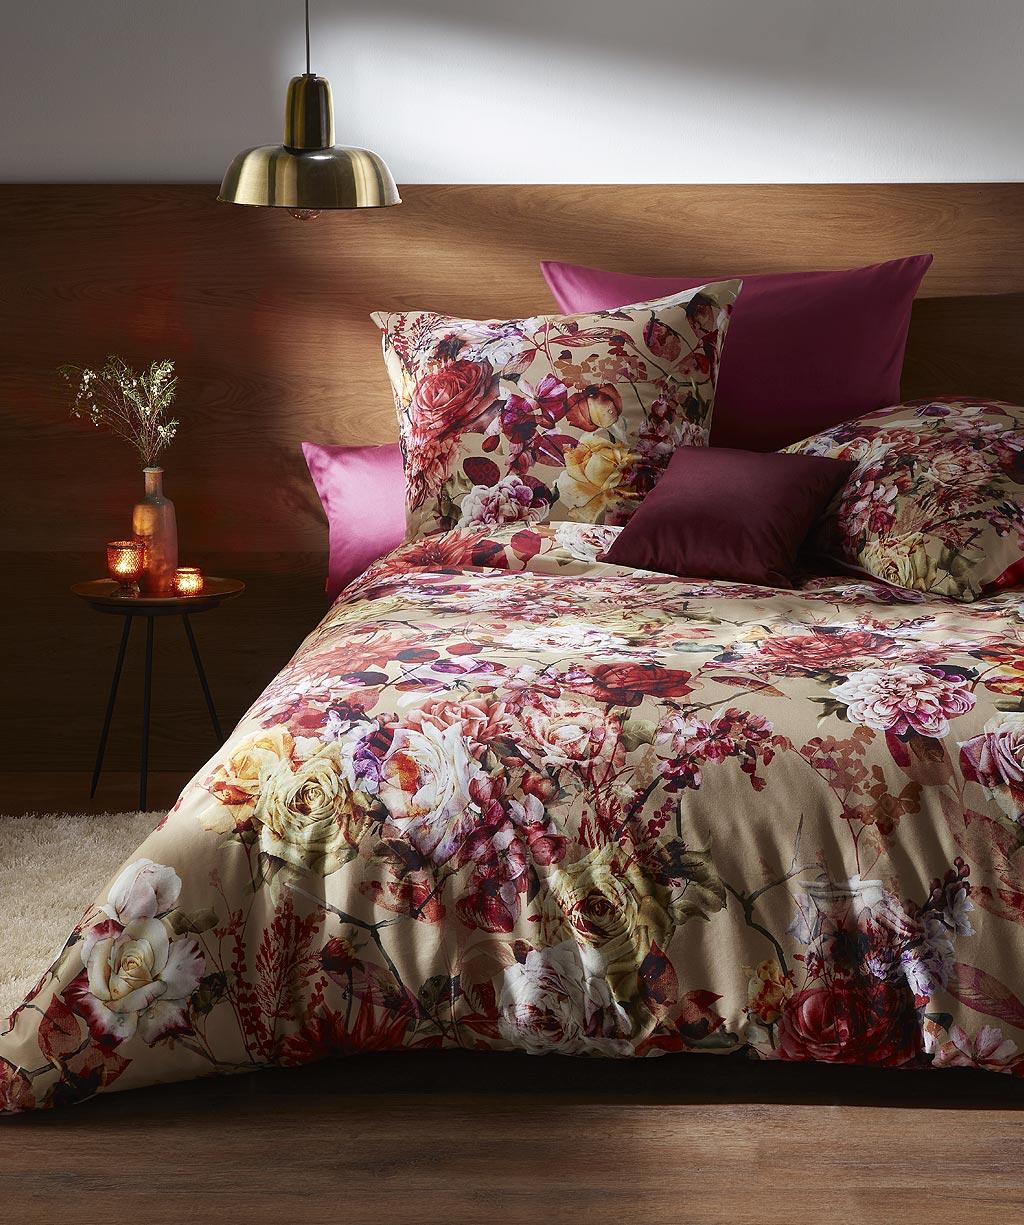 Digital bedrucke Bettwäsche mit bunten Blumen aus Mako Satin